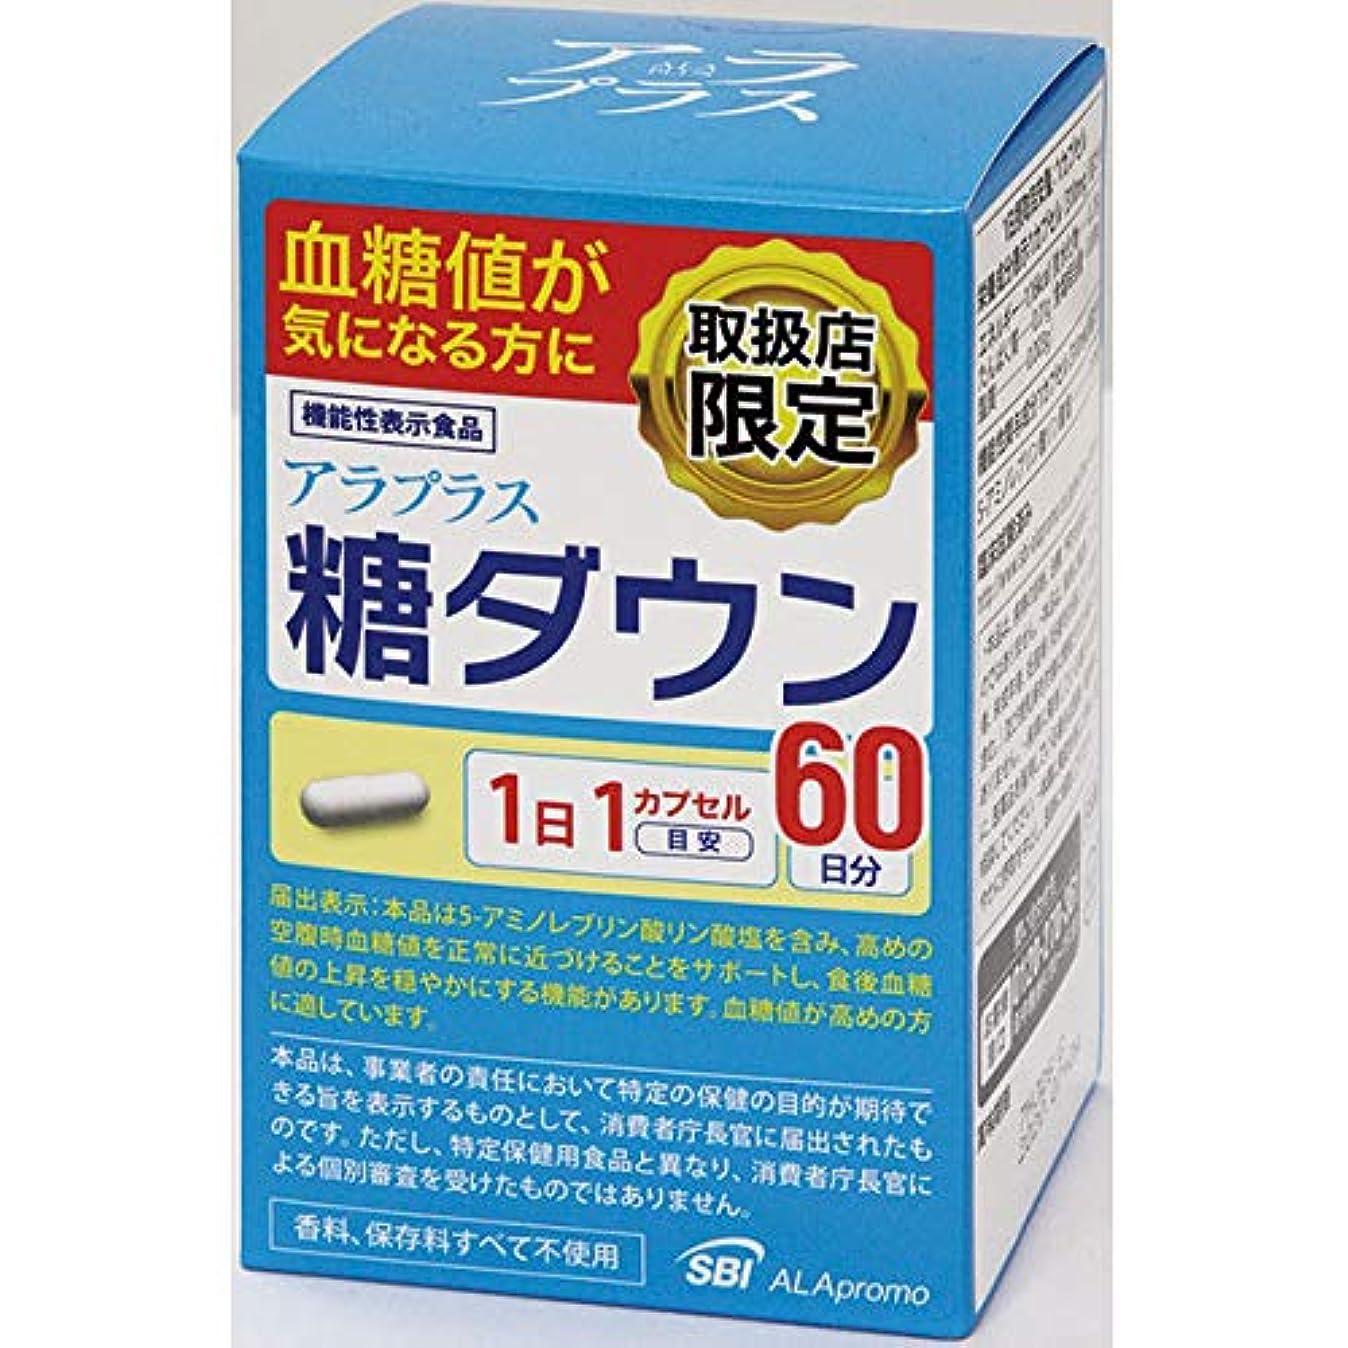 快適溶接用量アラプラス糖ダウン 60カプセル